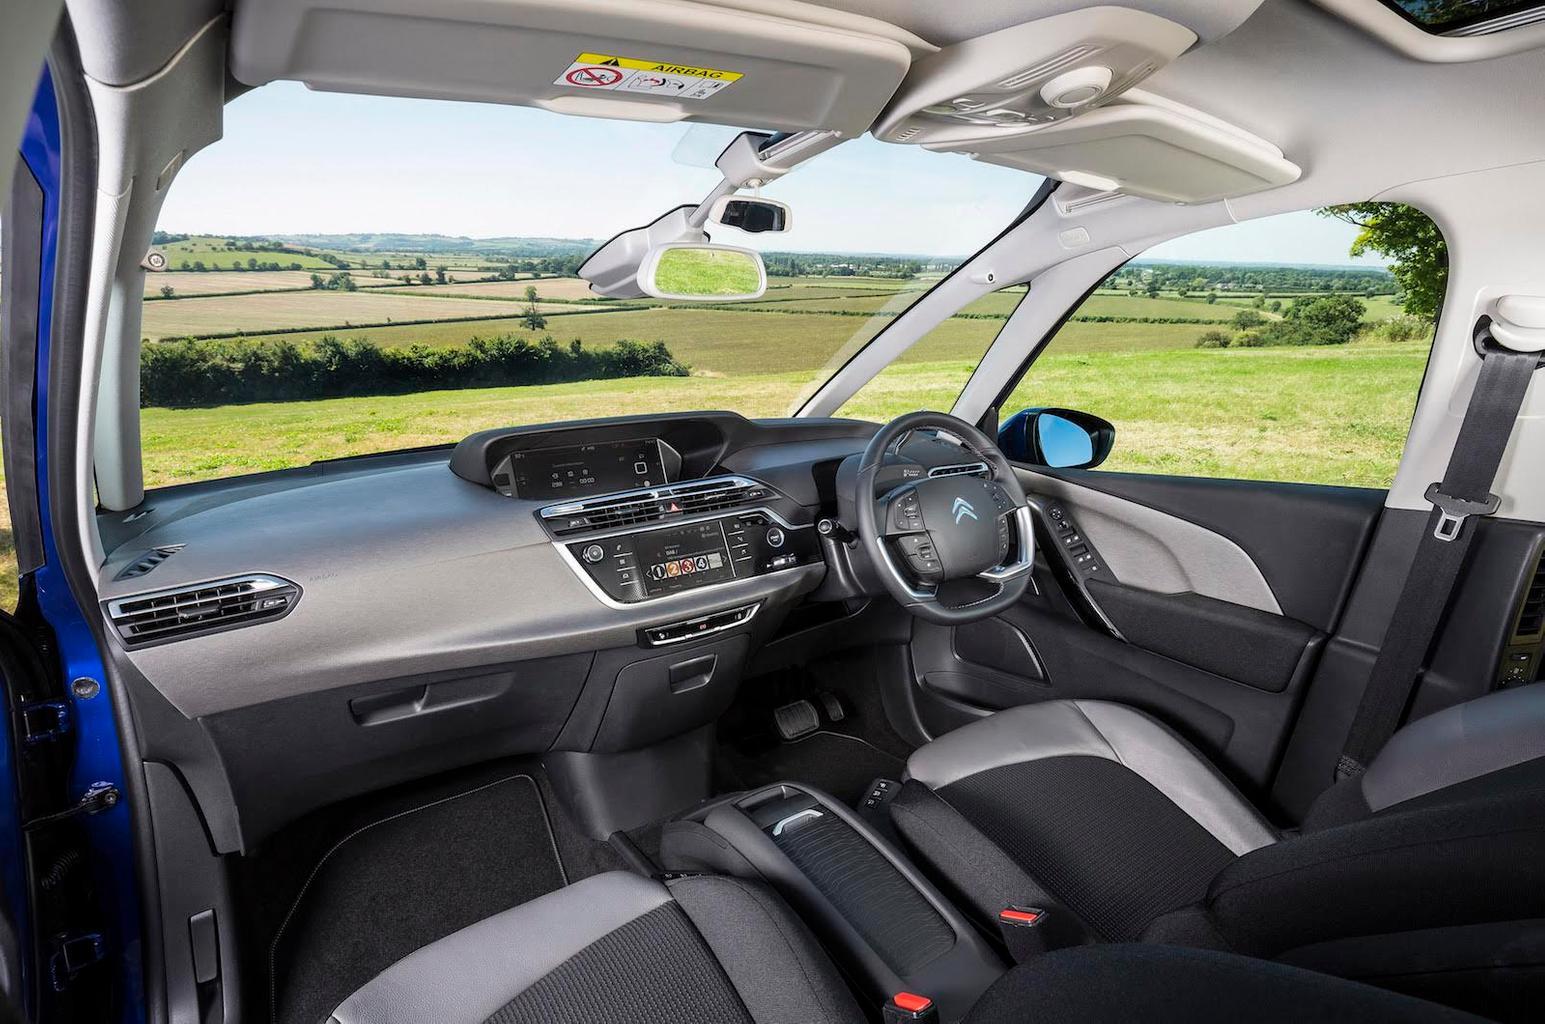 2016 Citroën C4 Picasso 1.2 Puretech 130 review